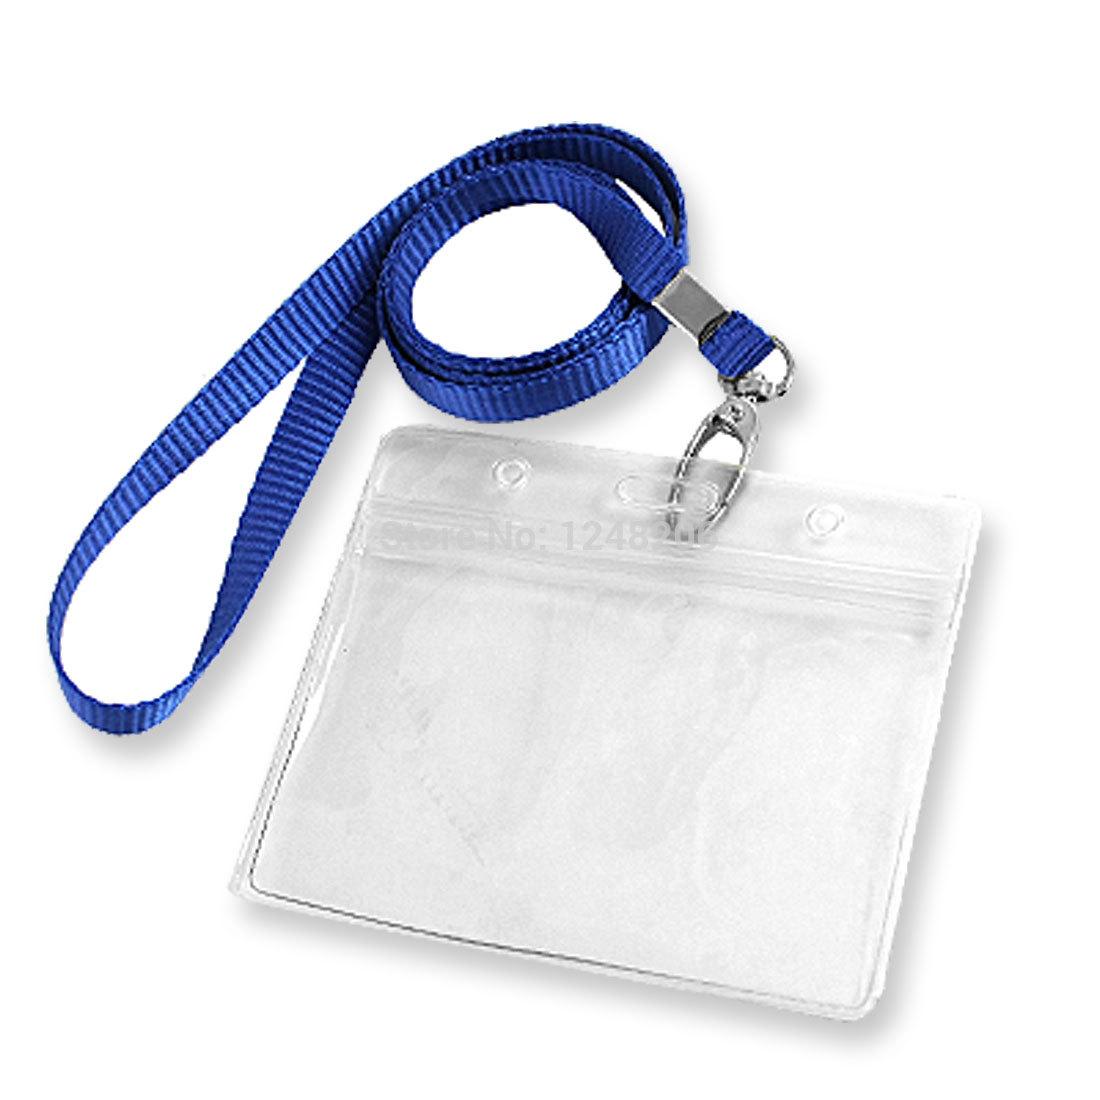 Neck strap clipart #4